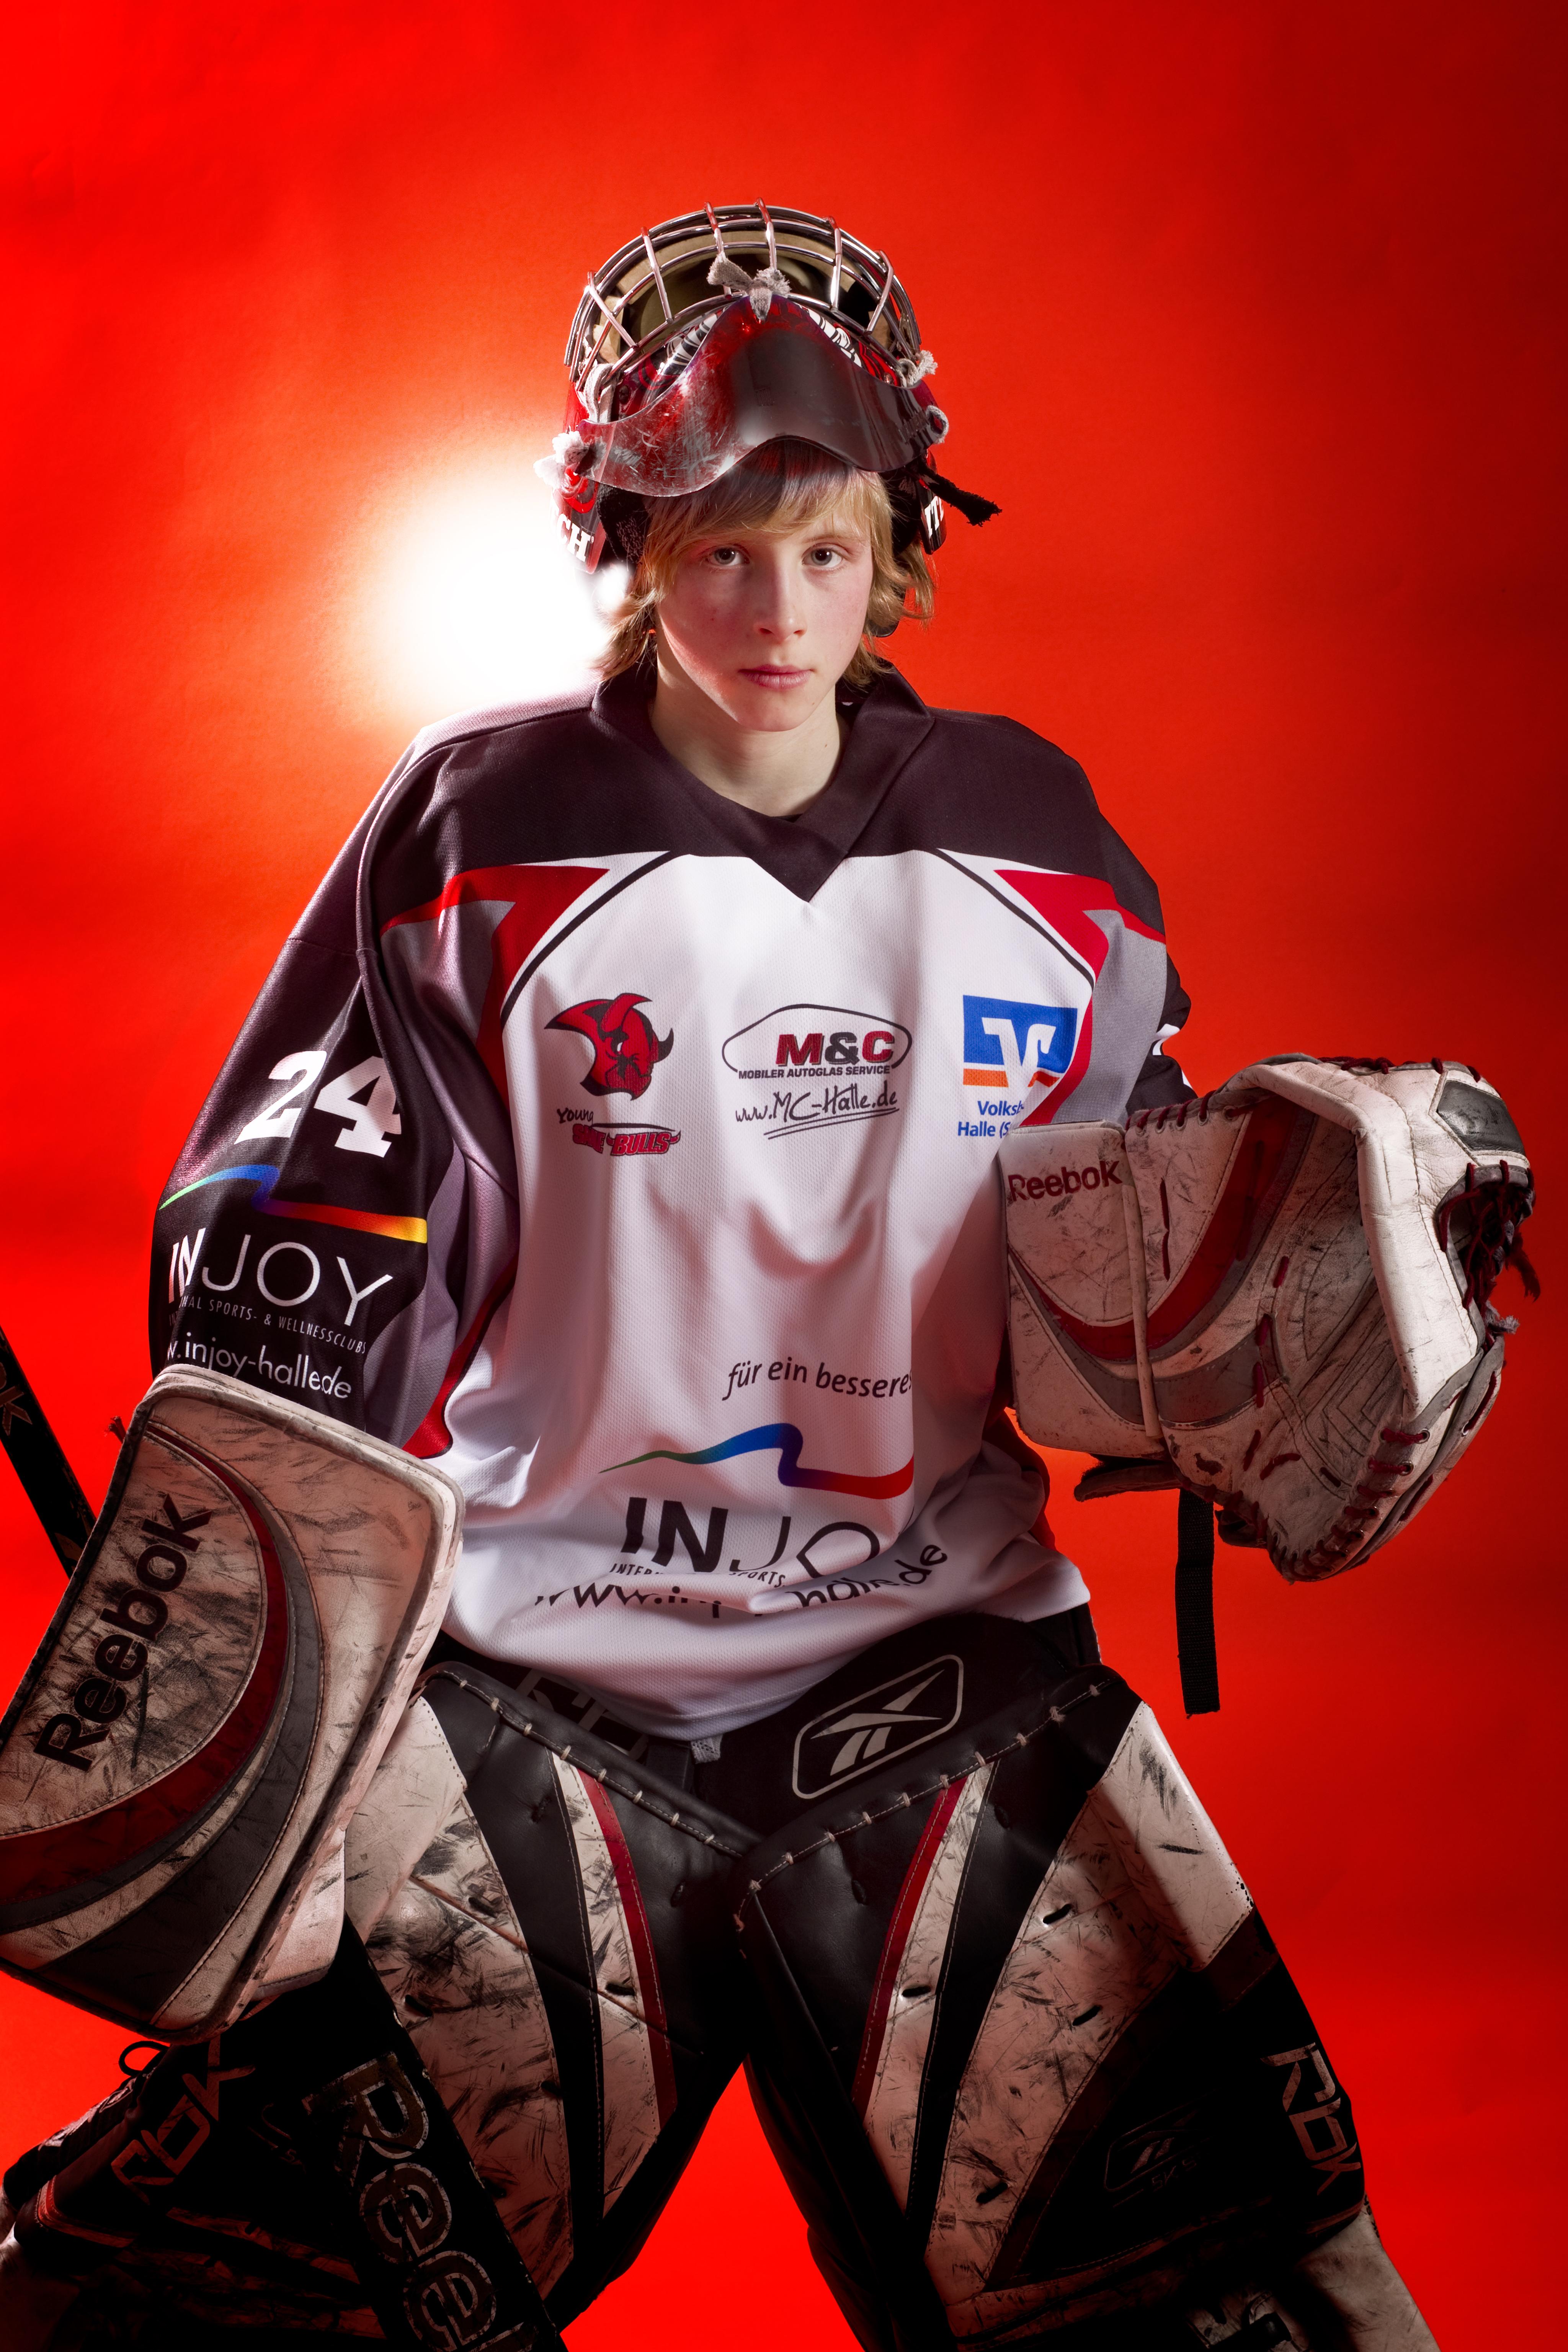 ESV Halle Eishockey - Torwart Nachwuchs; Copyright: Maigrün | Uwe Köhn; Rechte: Creative-common - Namensnennung http://www.maigruen.com